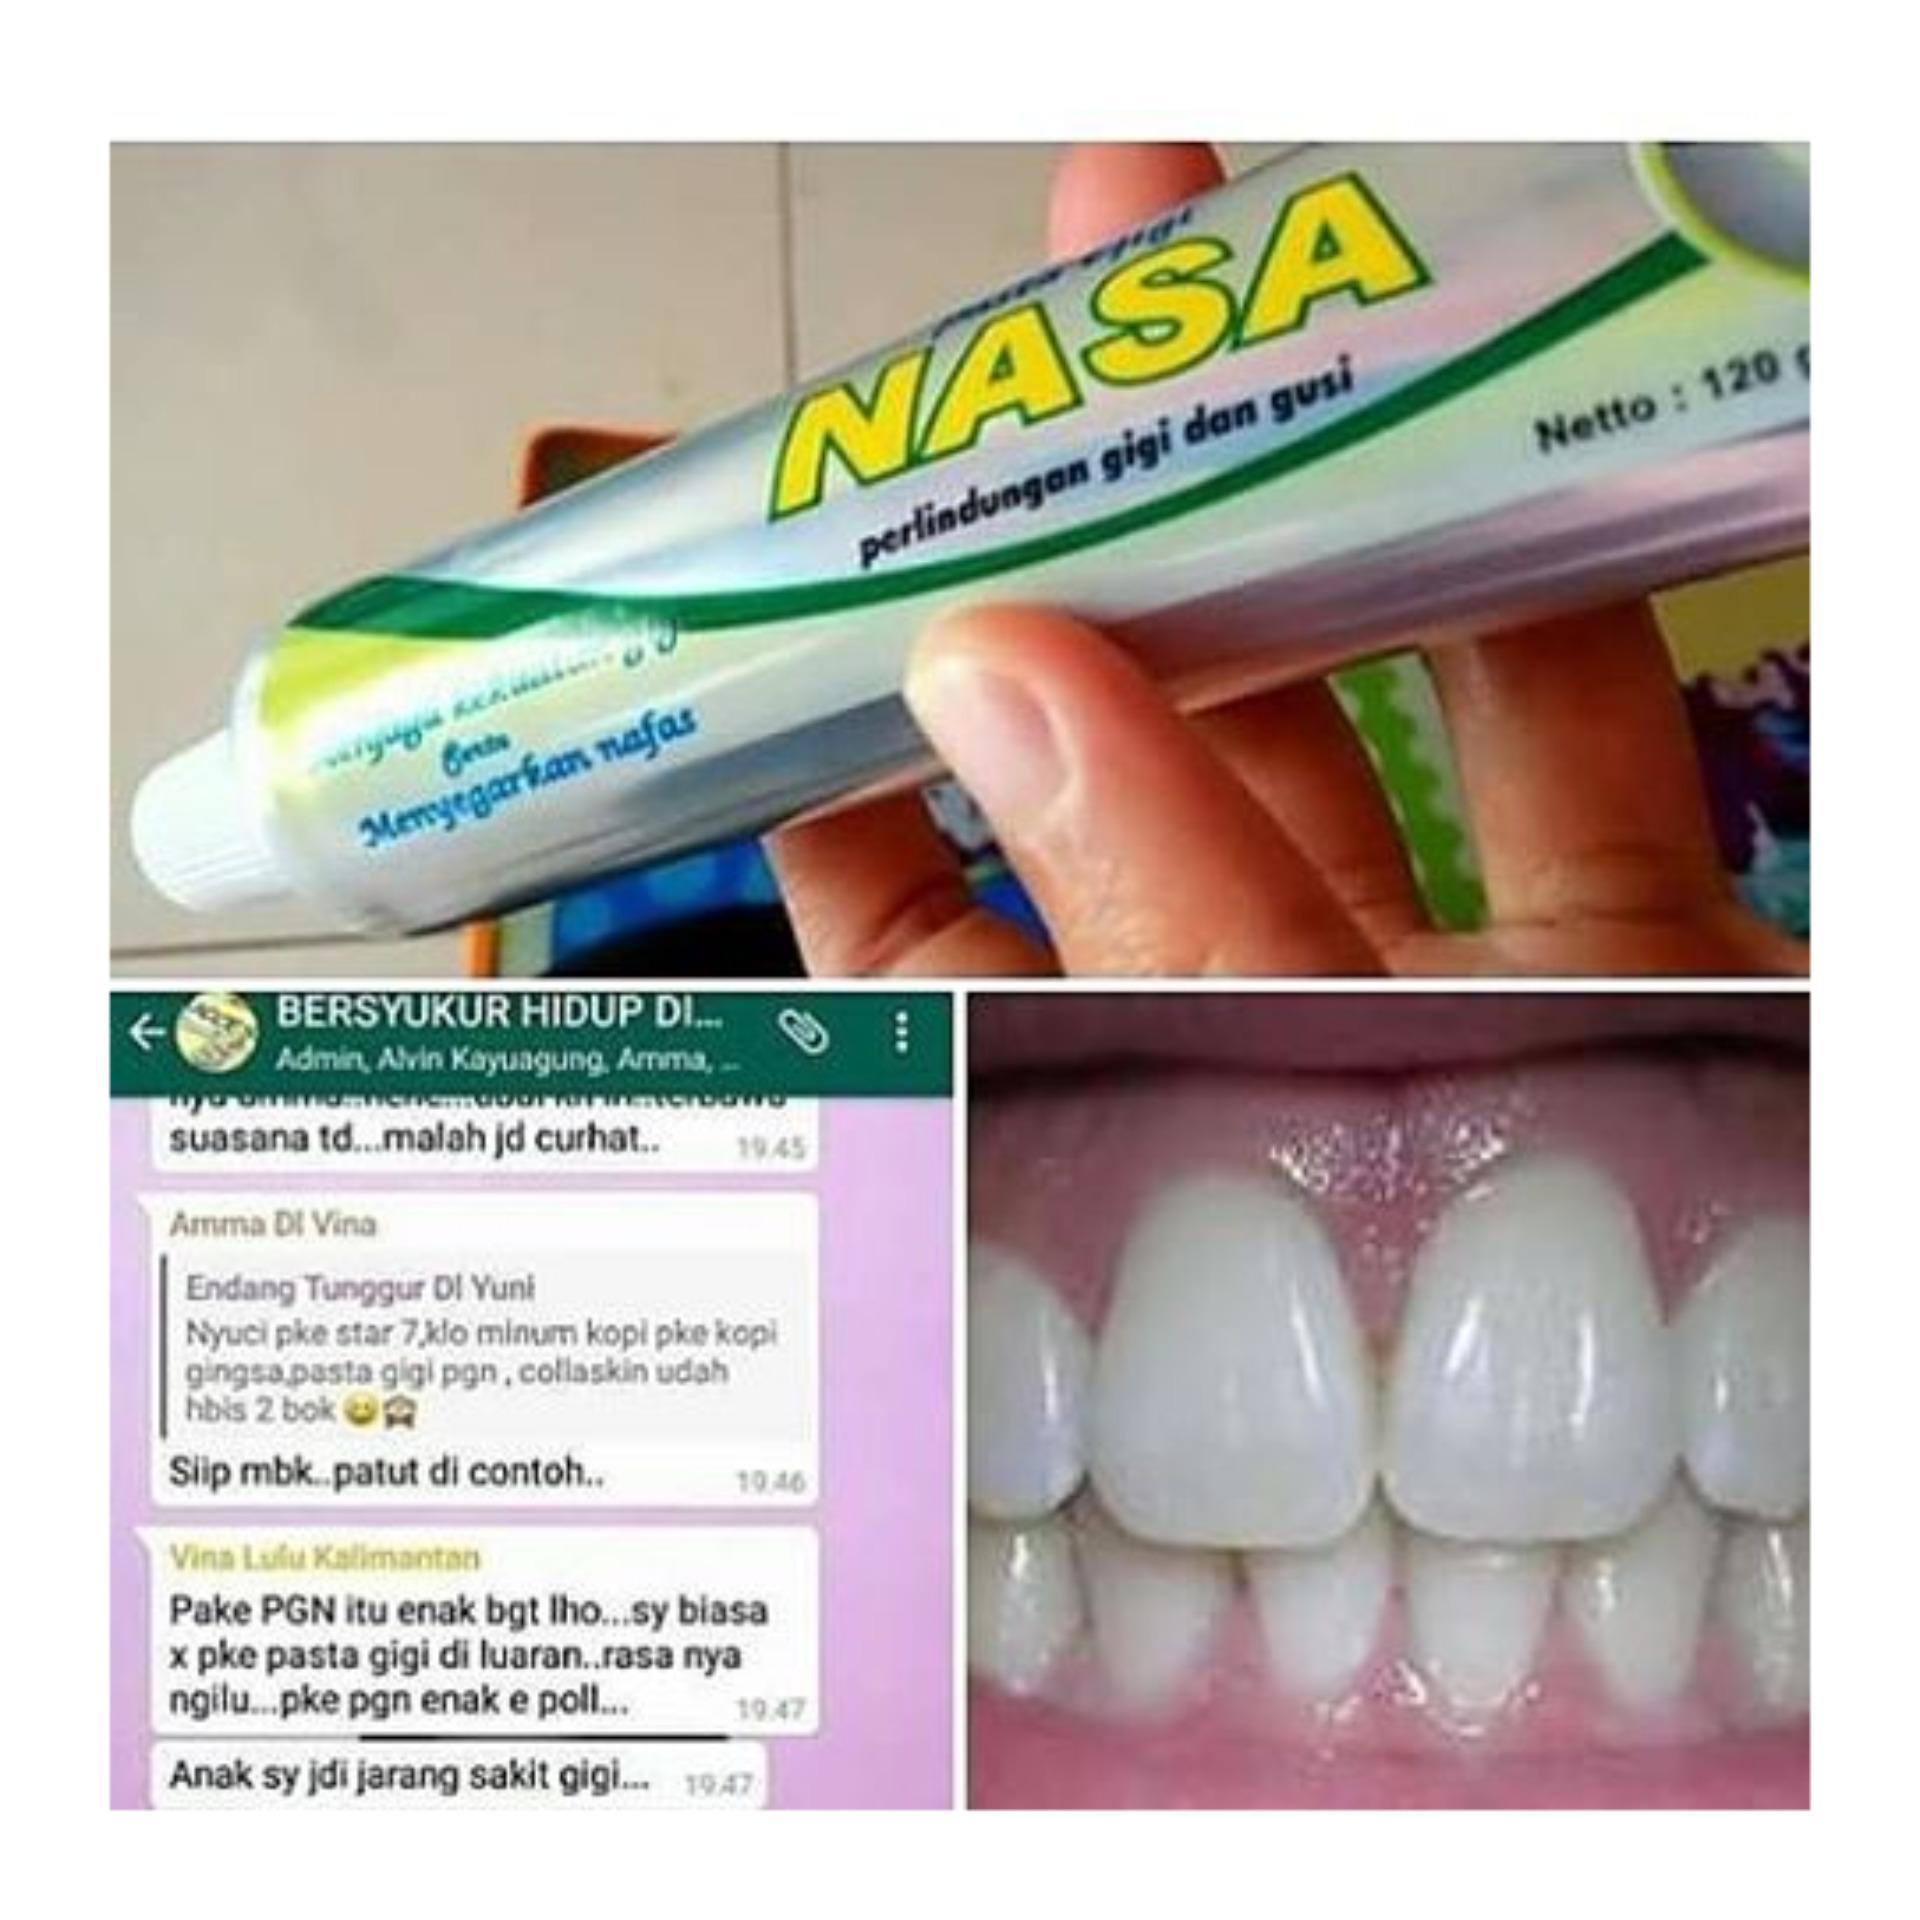 Pasta gigi Nasa Pemutih gigi obat sakit gigi dan sariawan